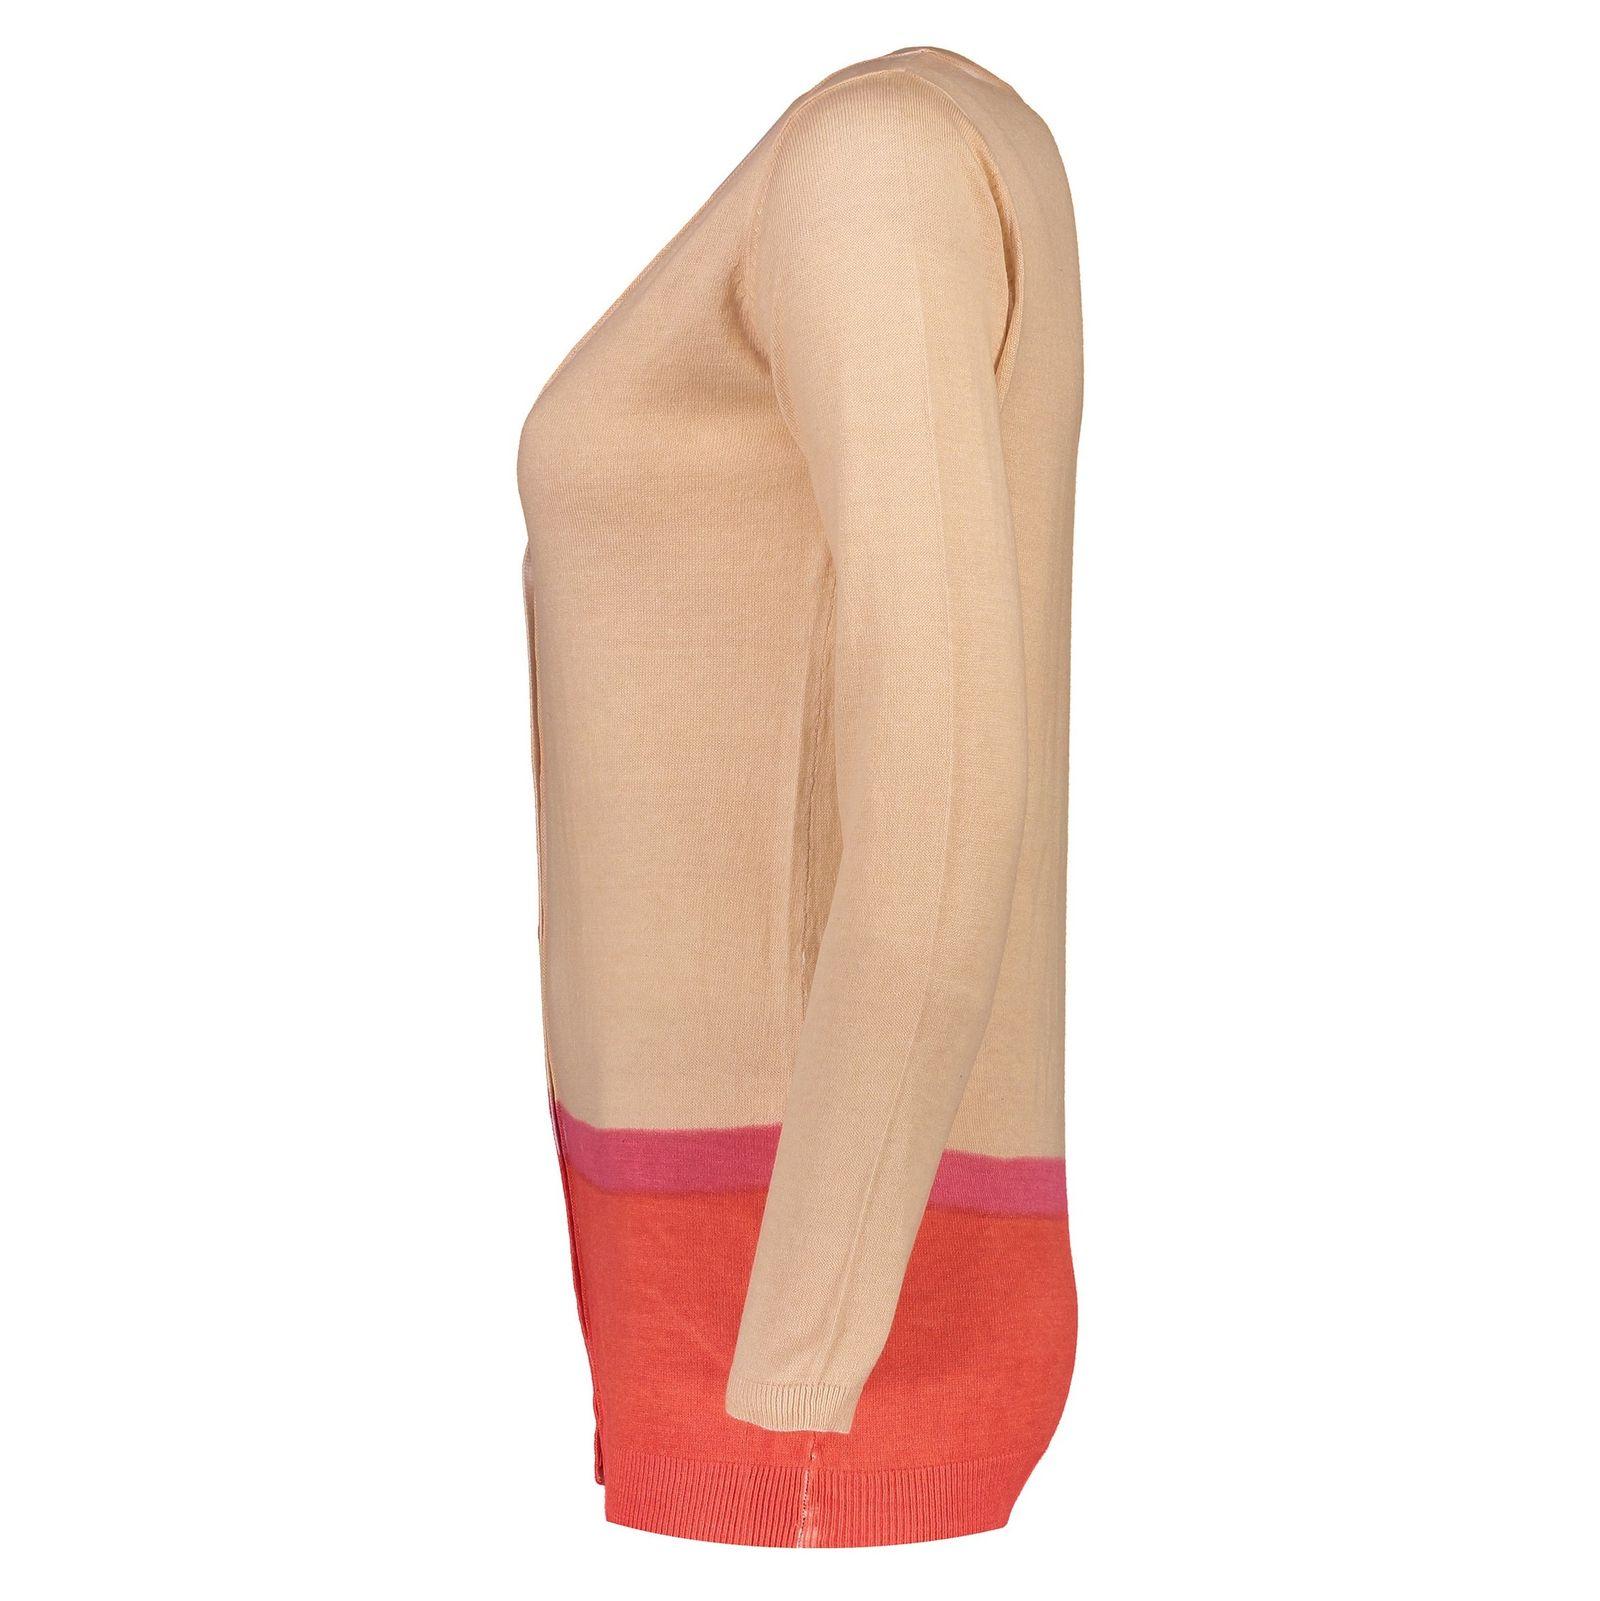 ژاکت نخی دکمه دار زنانه - زی - کرم - 3